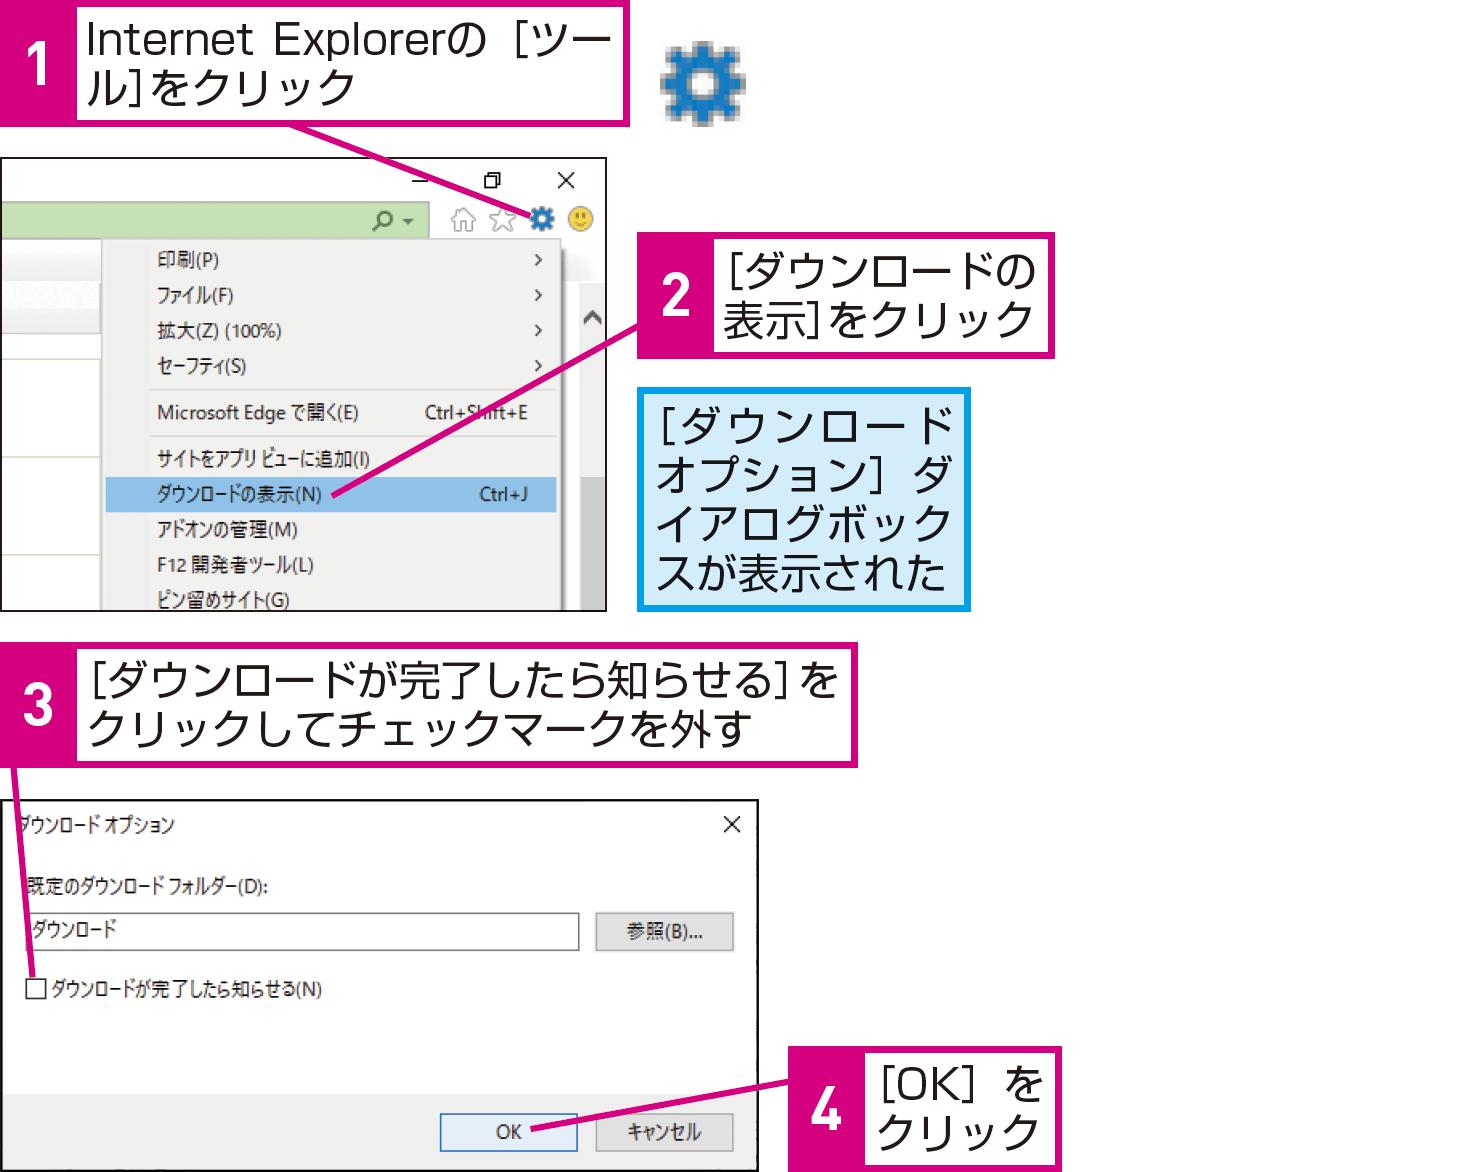 ファイルを確実にダウンロードするには(ダウンロード処理の使い分け) - できるUiPath